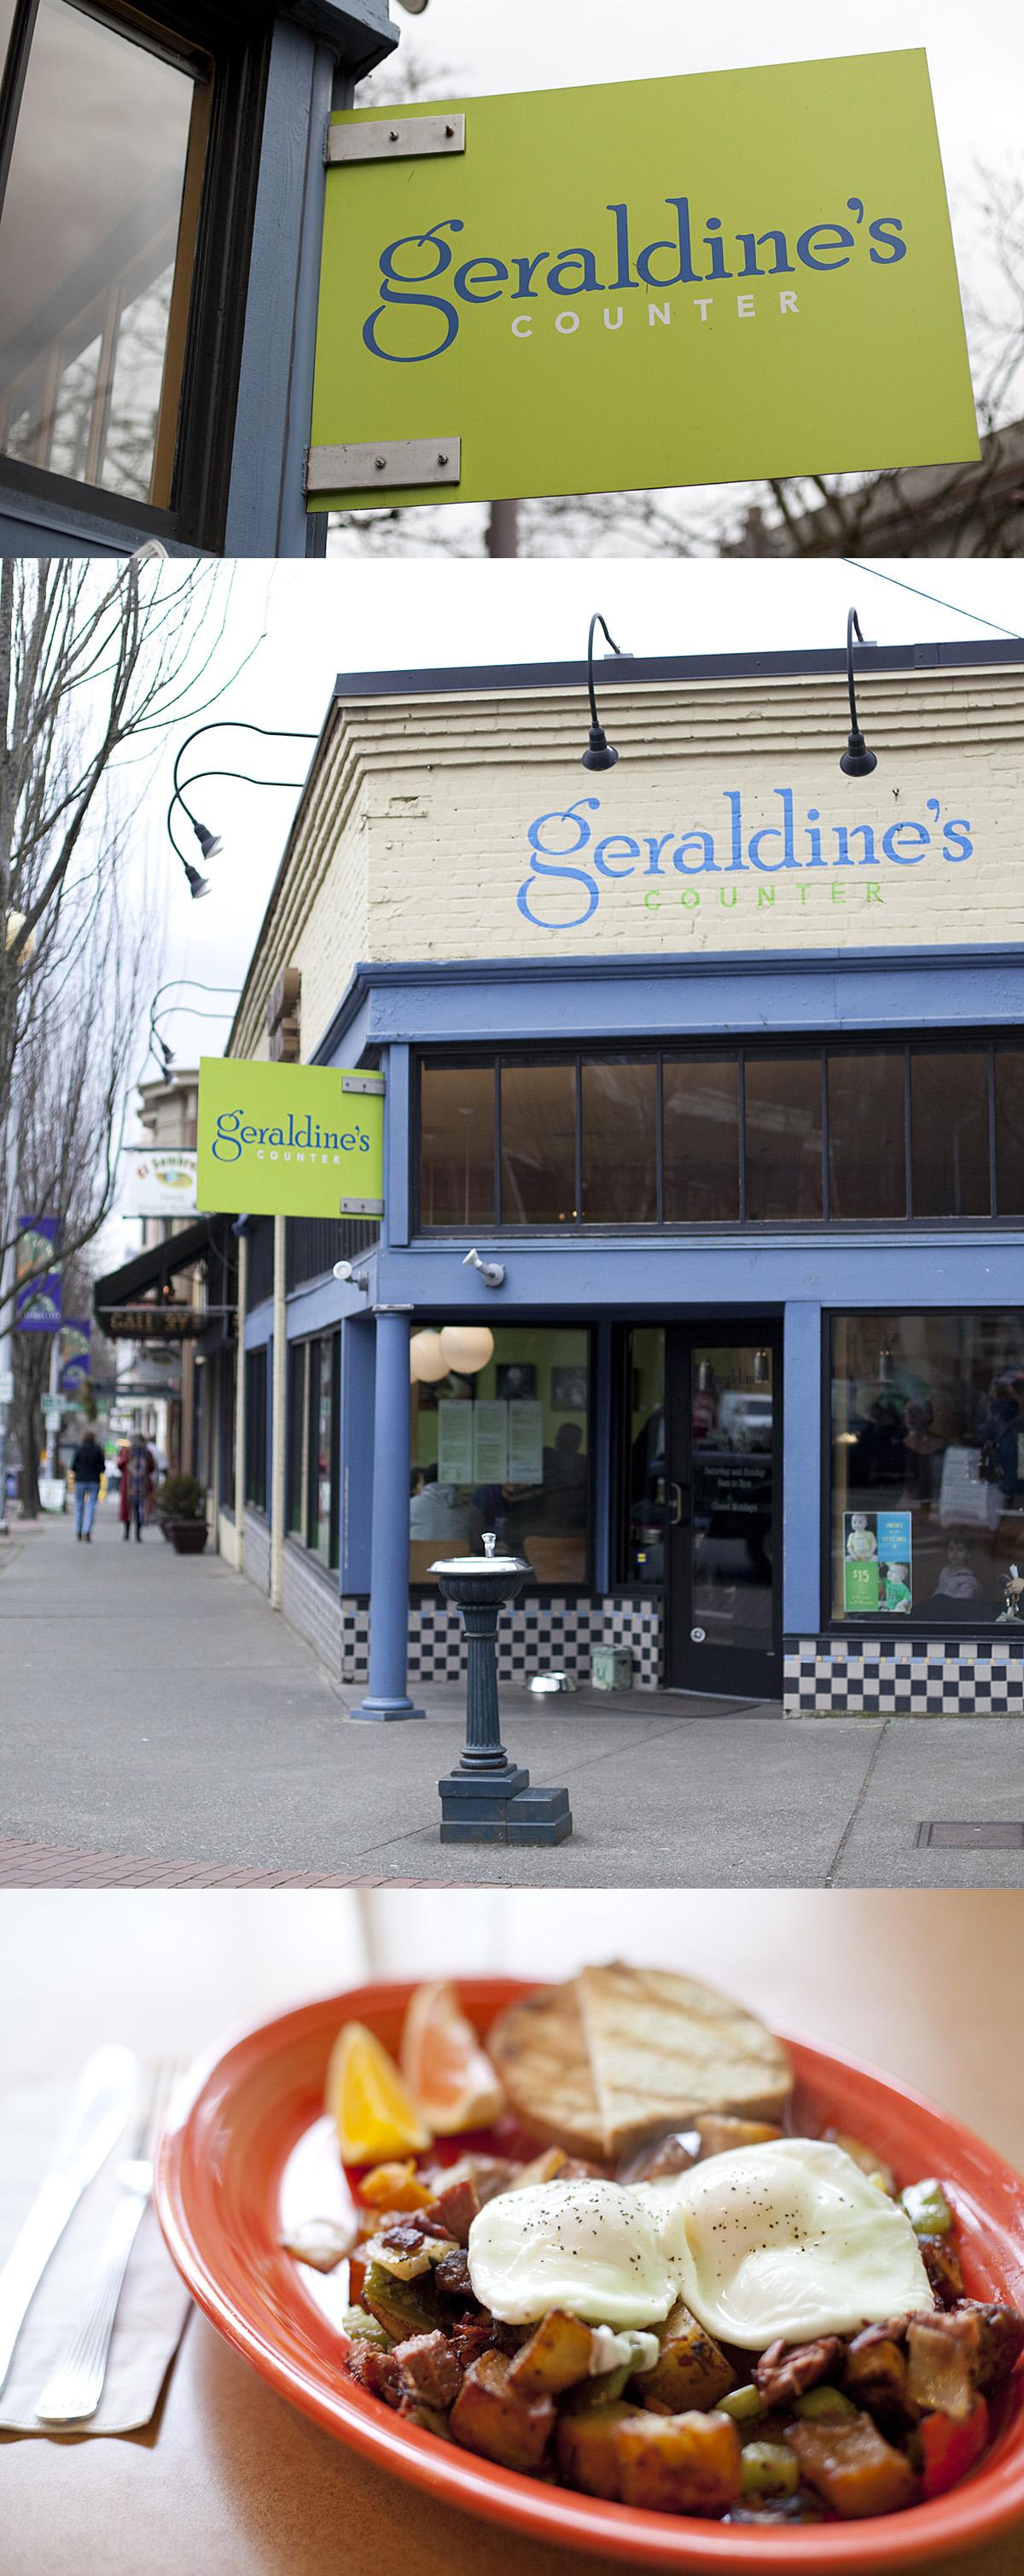 Geraldine's Counter